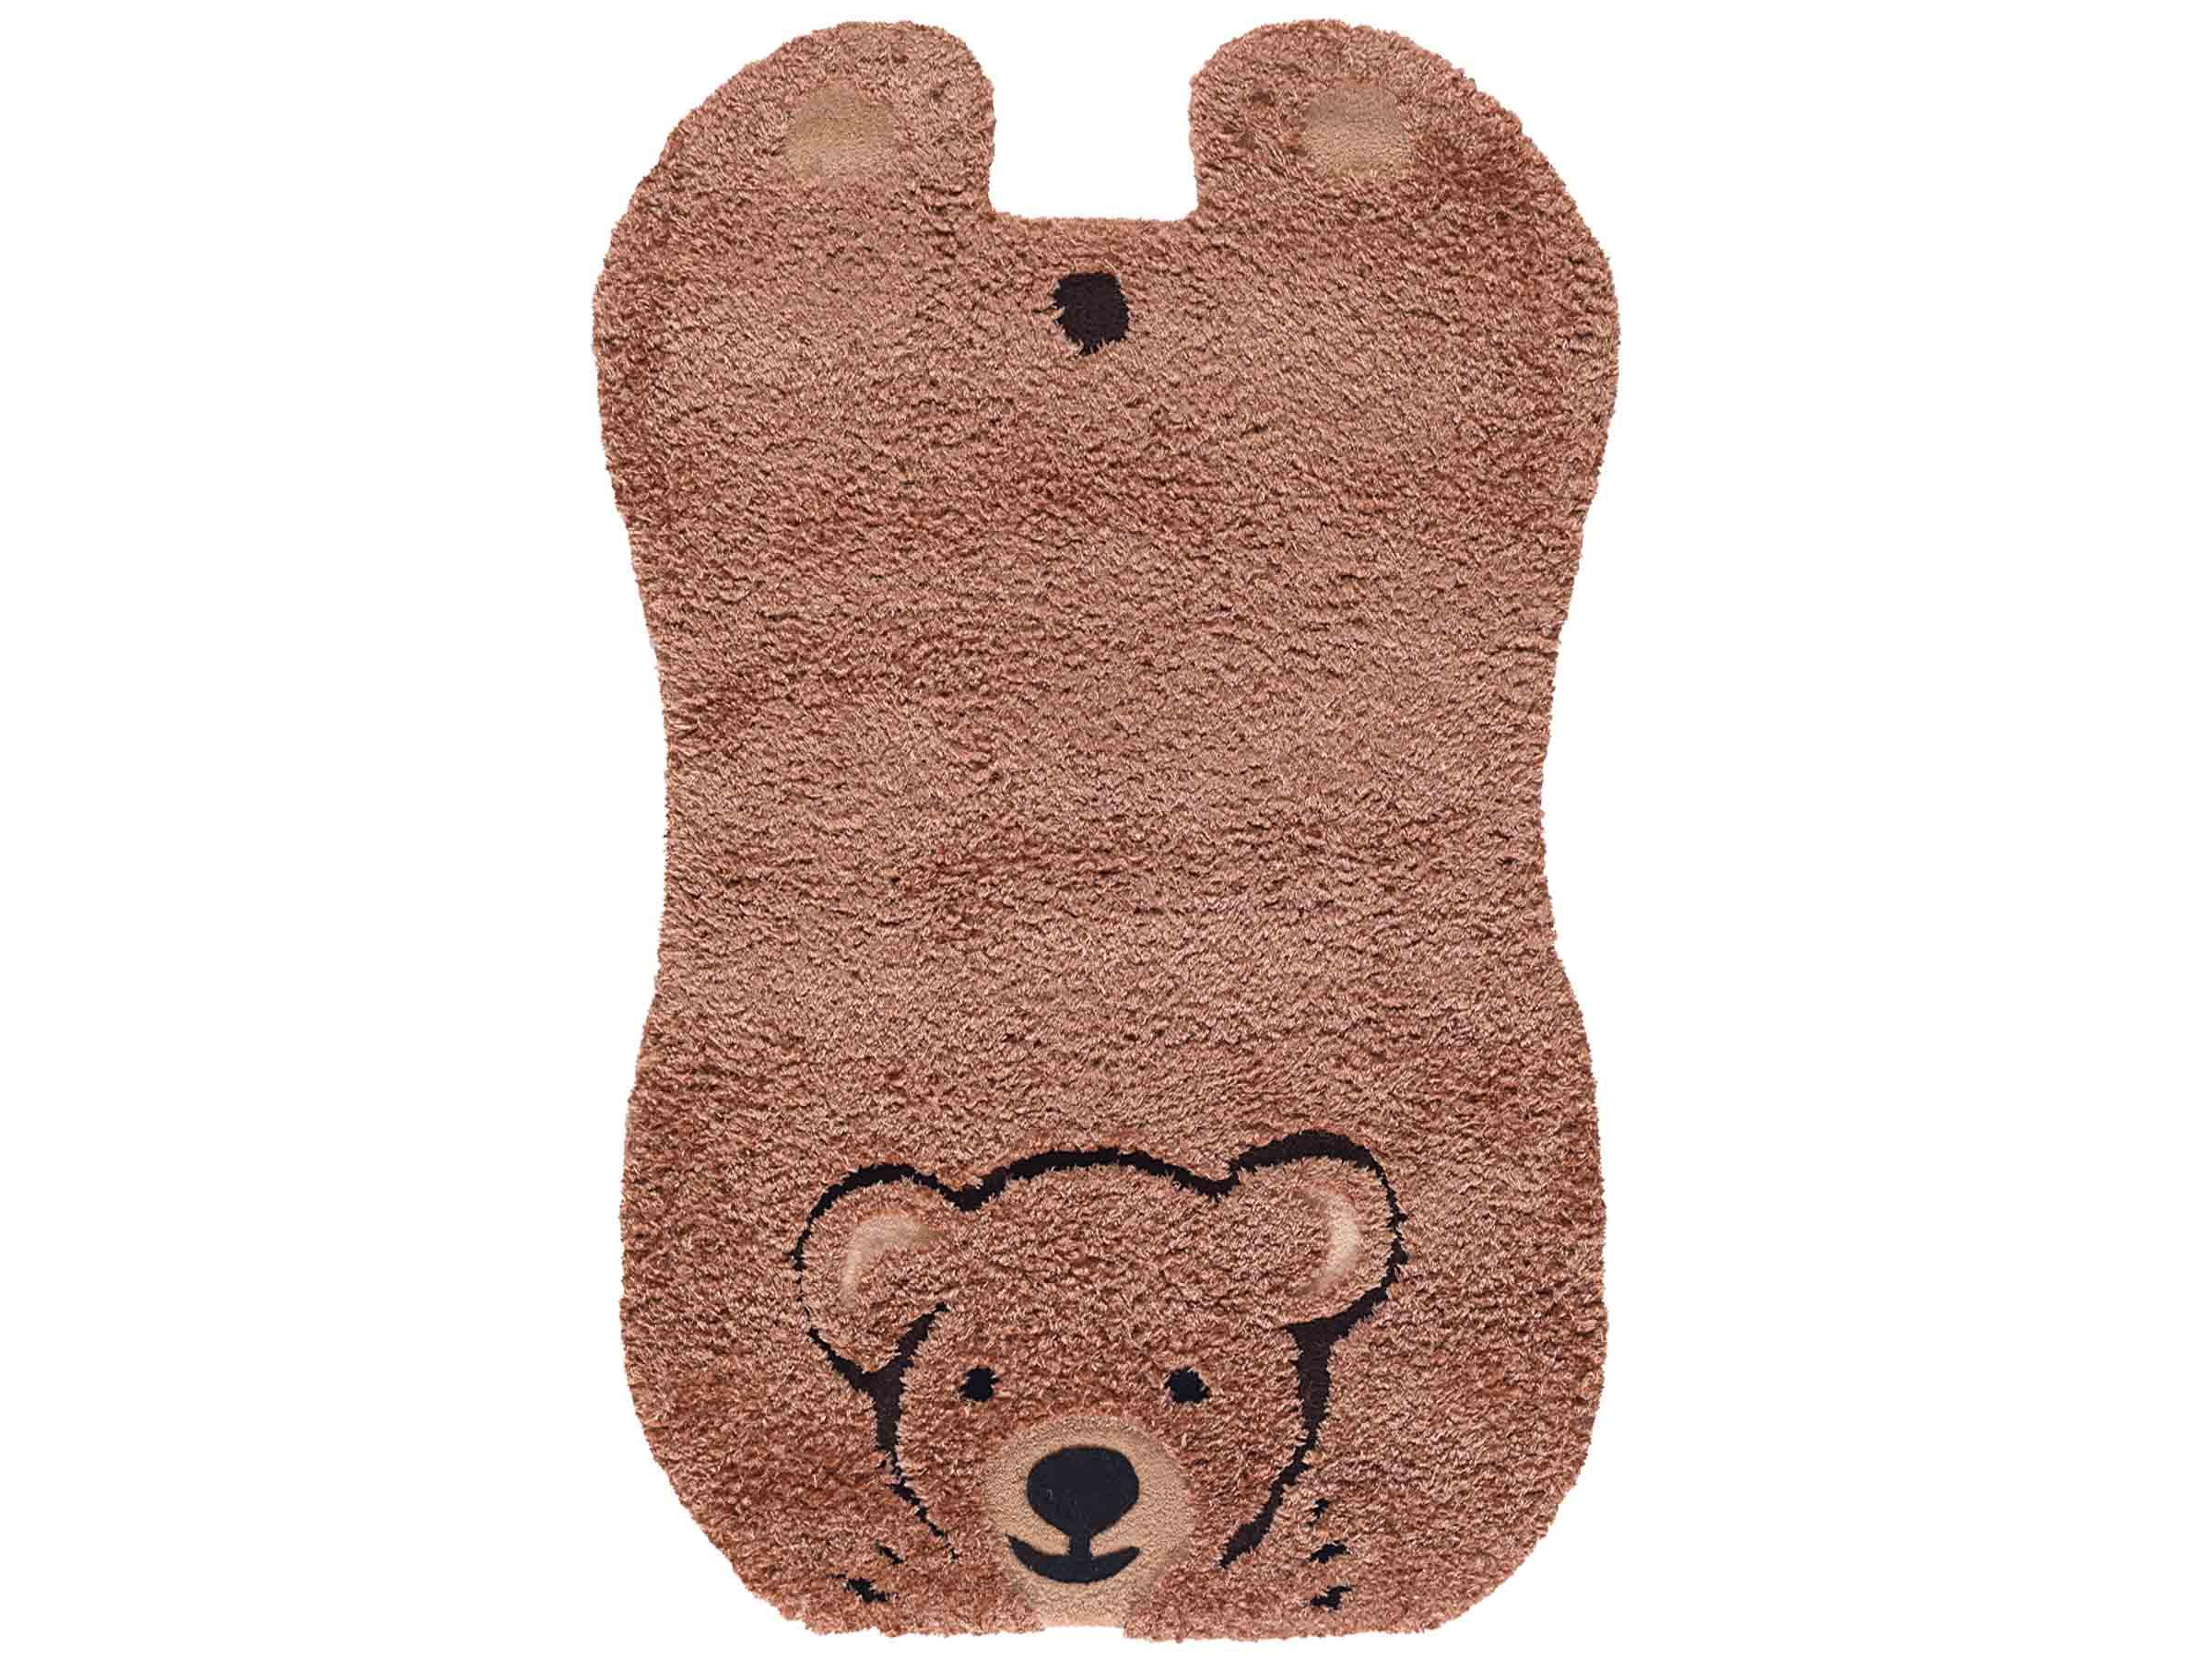 Comfortabel Vloerkleed Babykamer : Baby vloerkleed kopen babykamer vloerkleed beer bruin lief